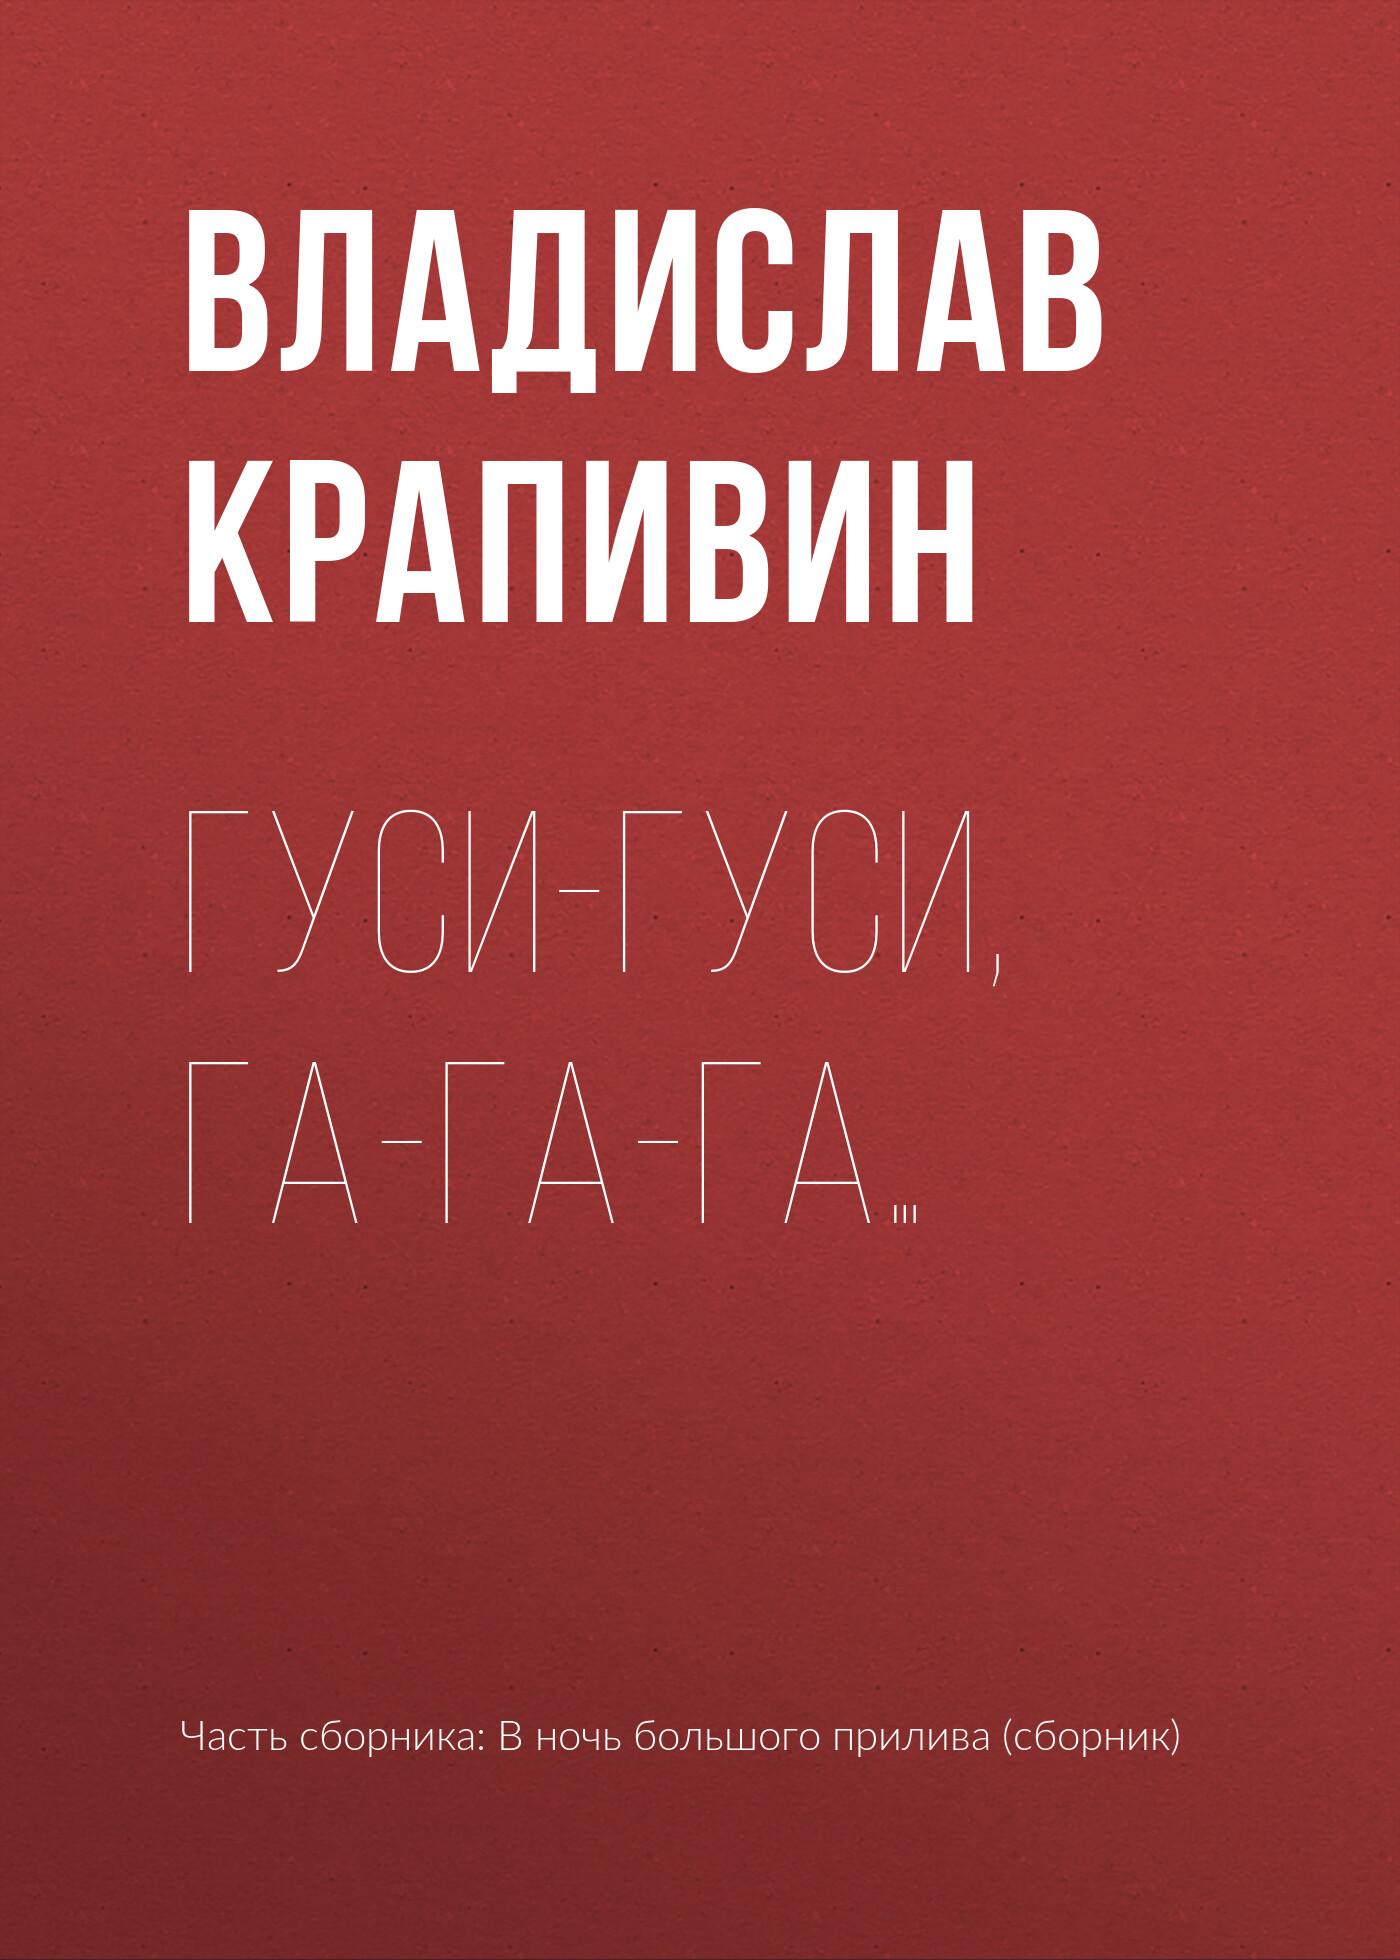 Владислав Крапивин «Гуси-гуси, га-га-га…»